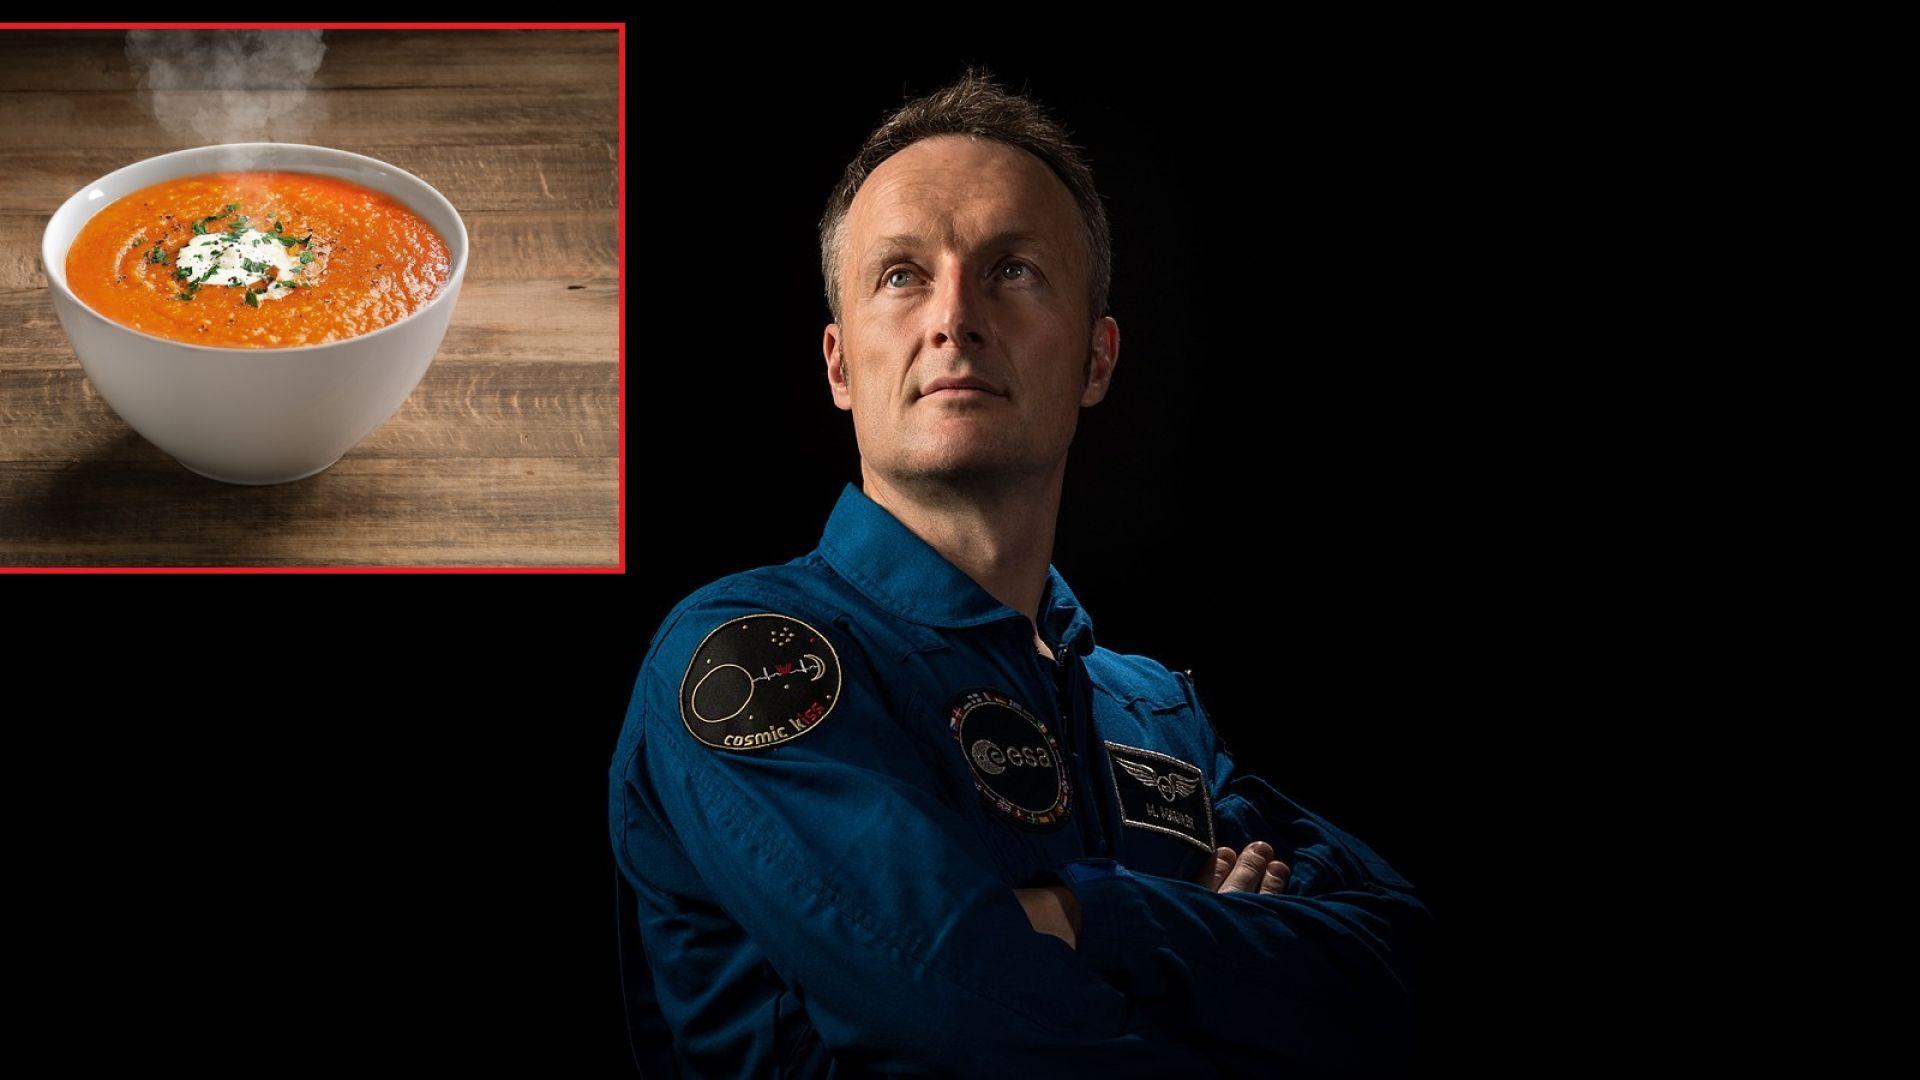 Астронавтите на МКС за пръв път ще опитат доматена супа